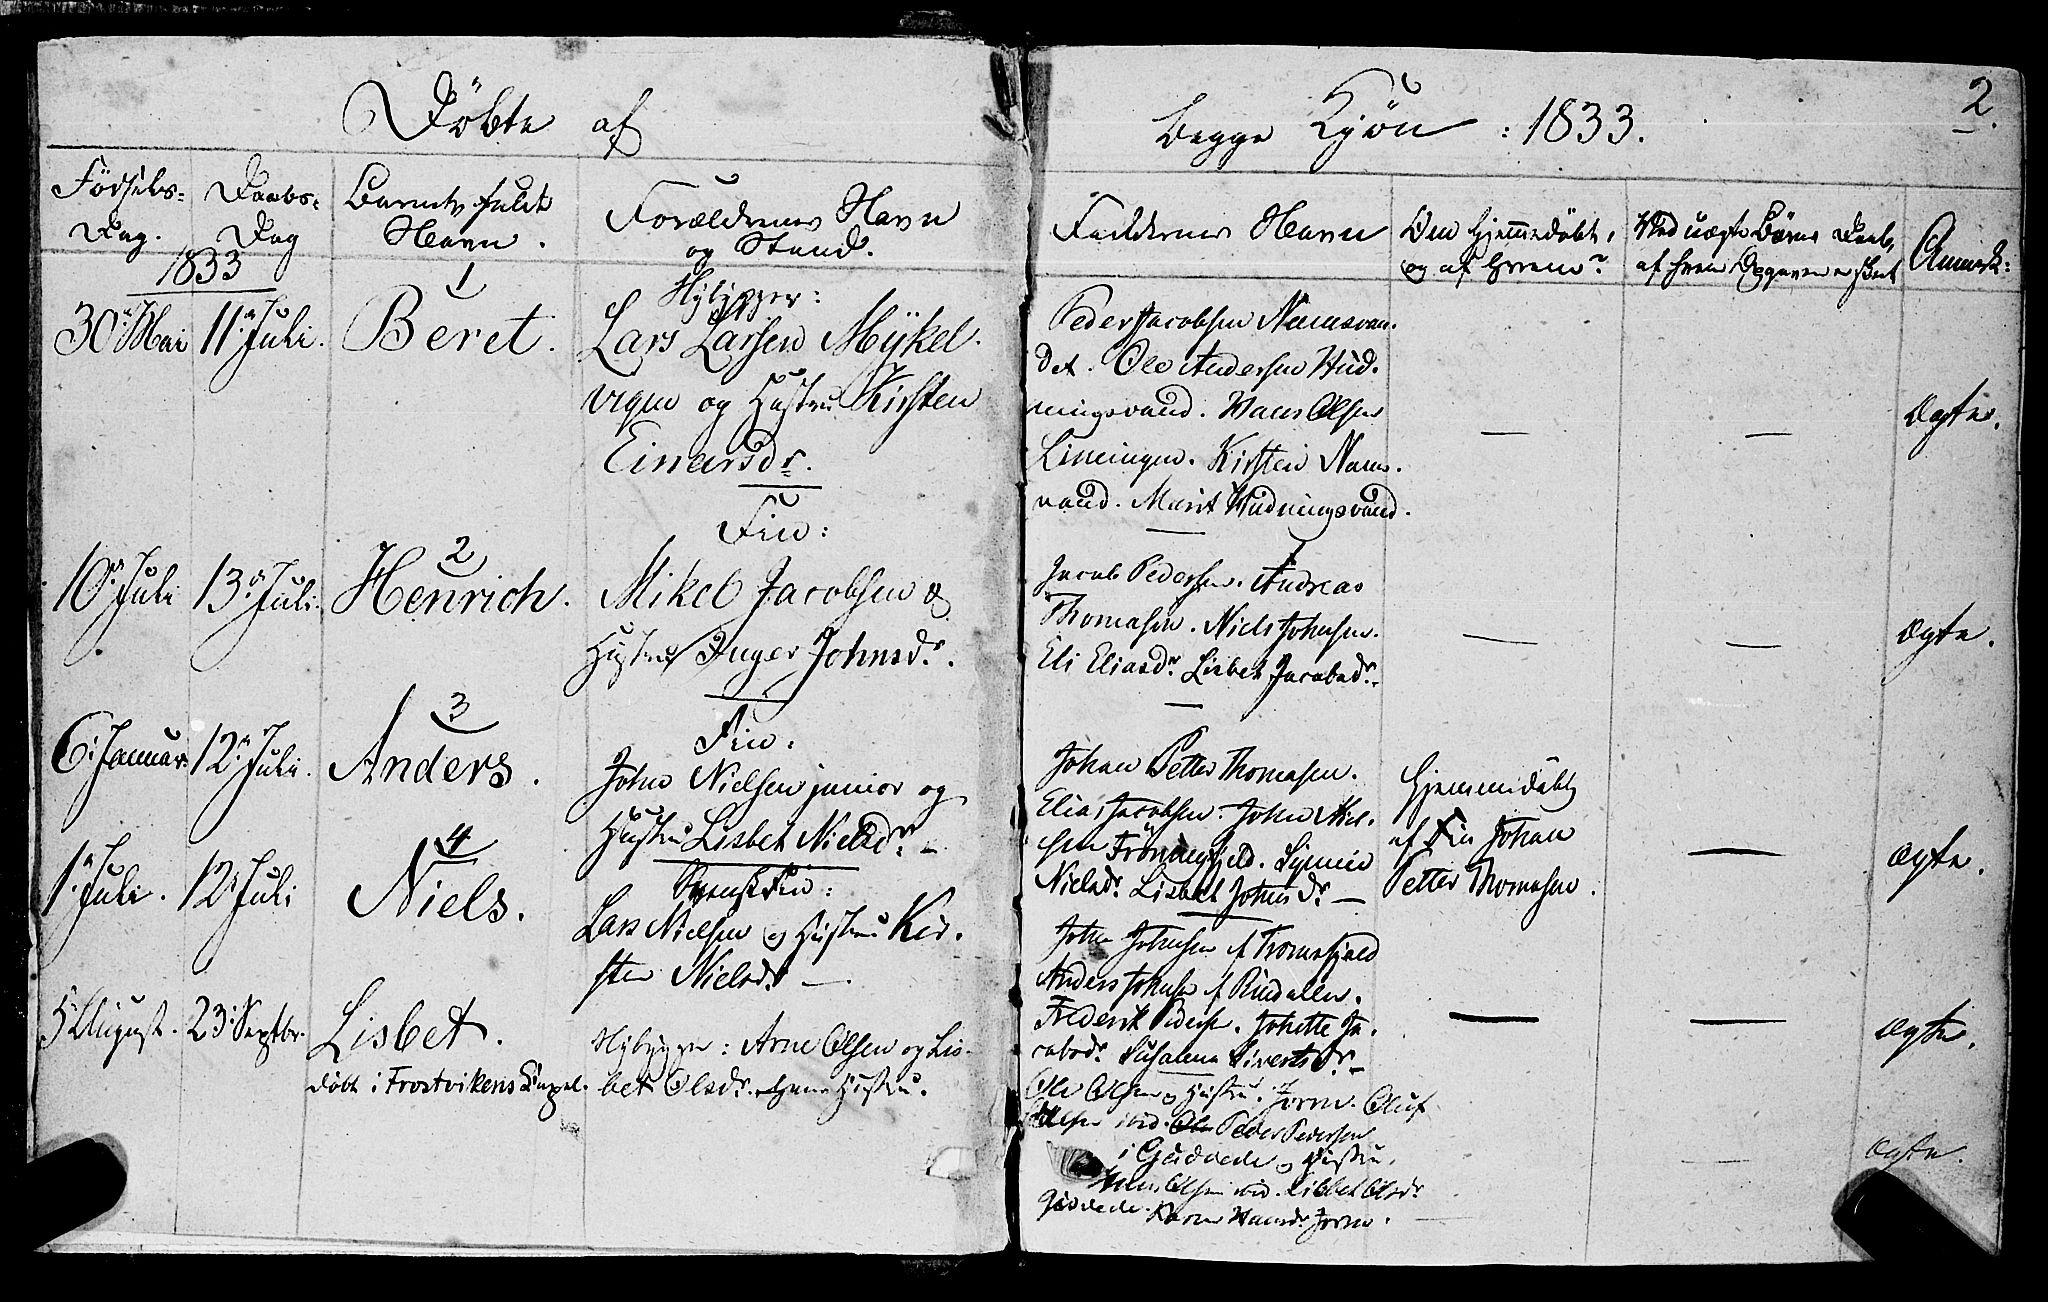 SAT, Ministerialprotokoller, klokkerbøker og fødselsregistre - Nord-Trøndelag, 762/L0538: Ministerialbok nr. 762A02 /1, 1833-1879, s. 2